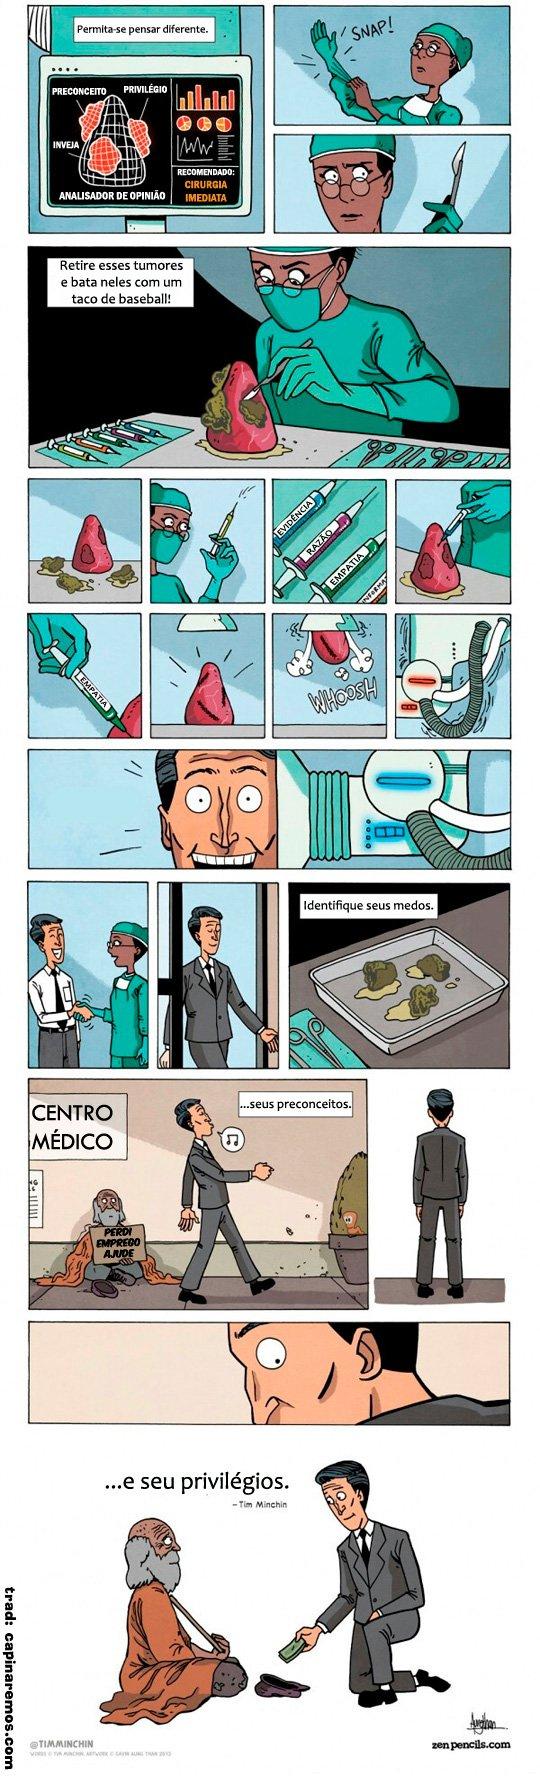 opiniao_02